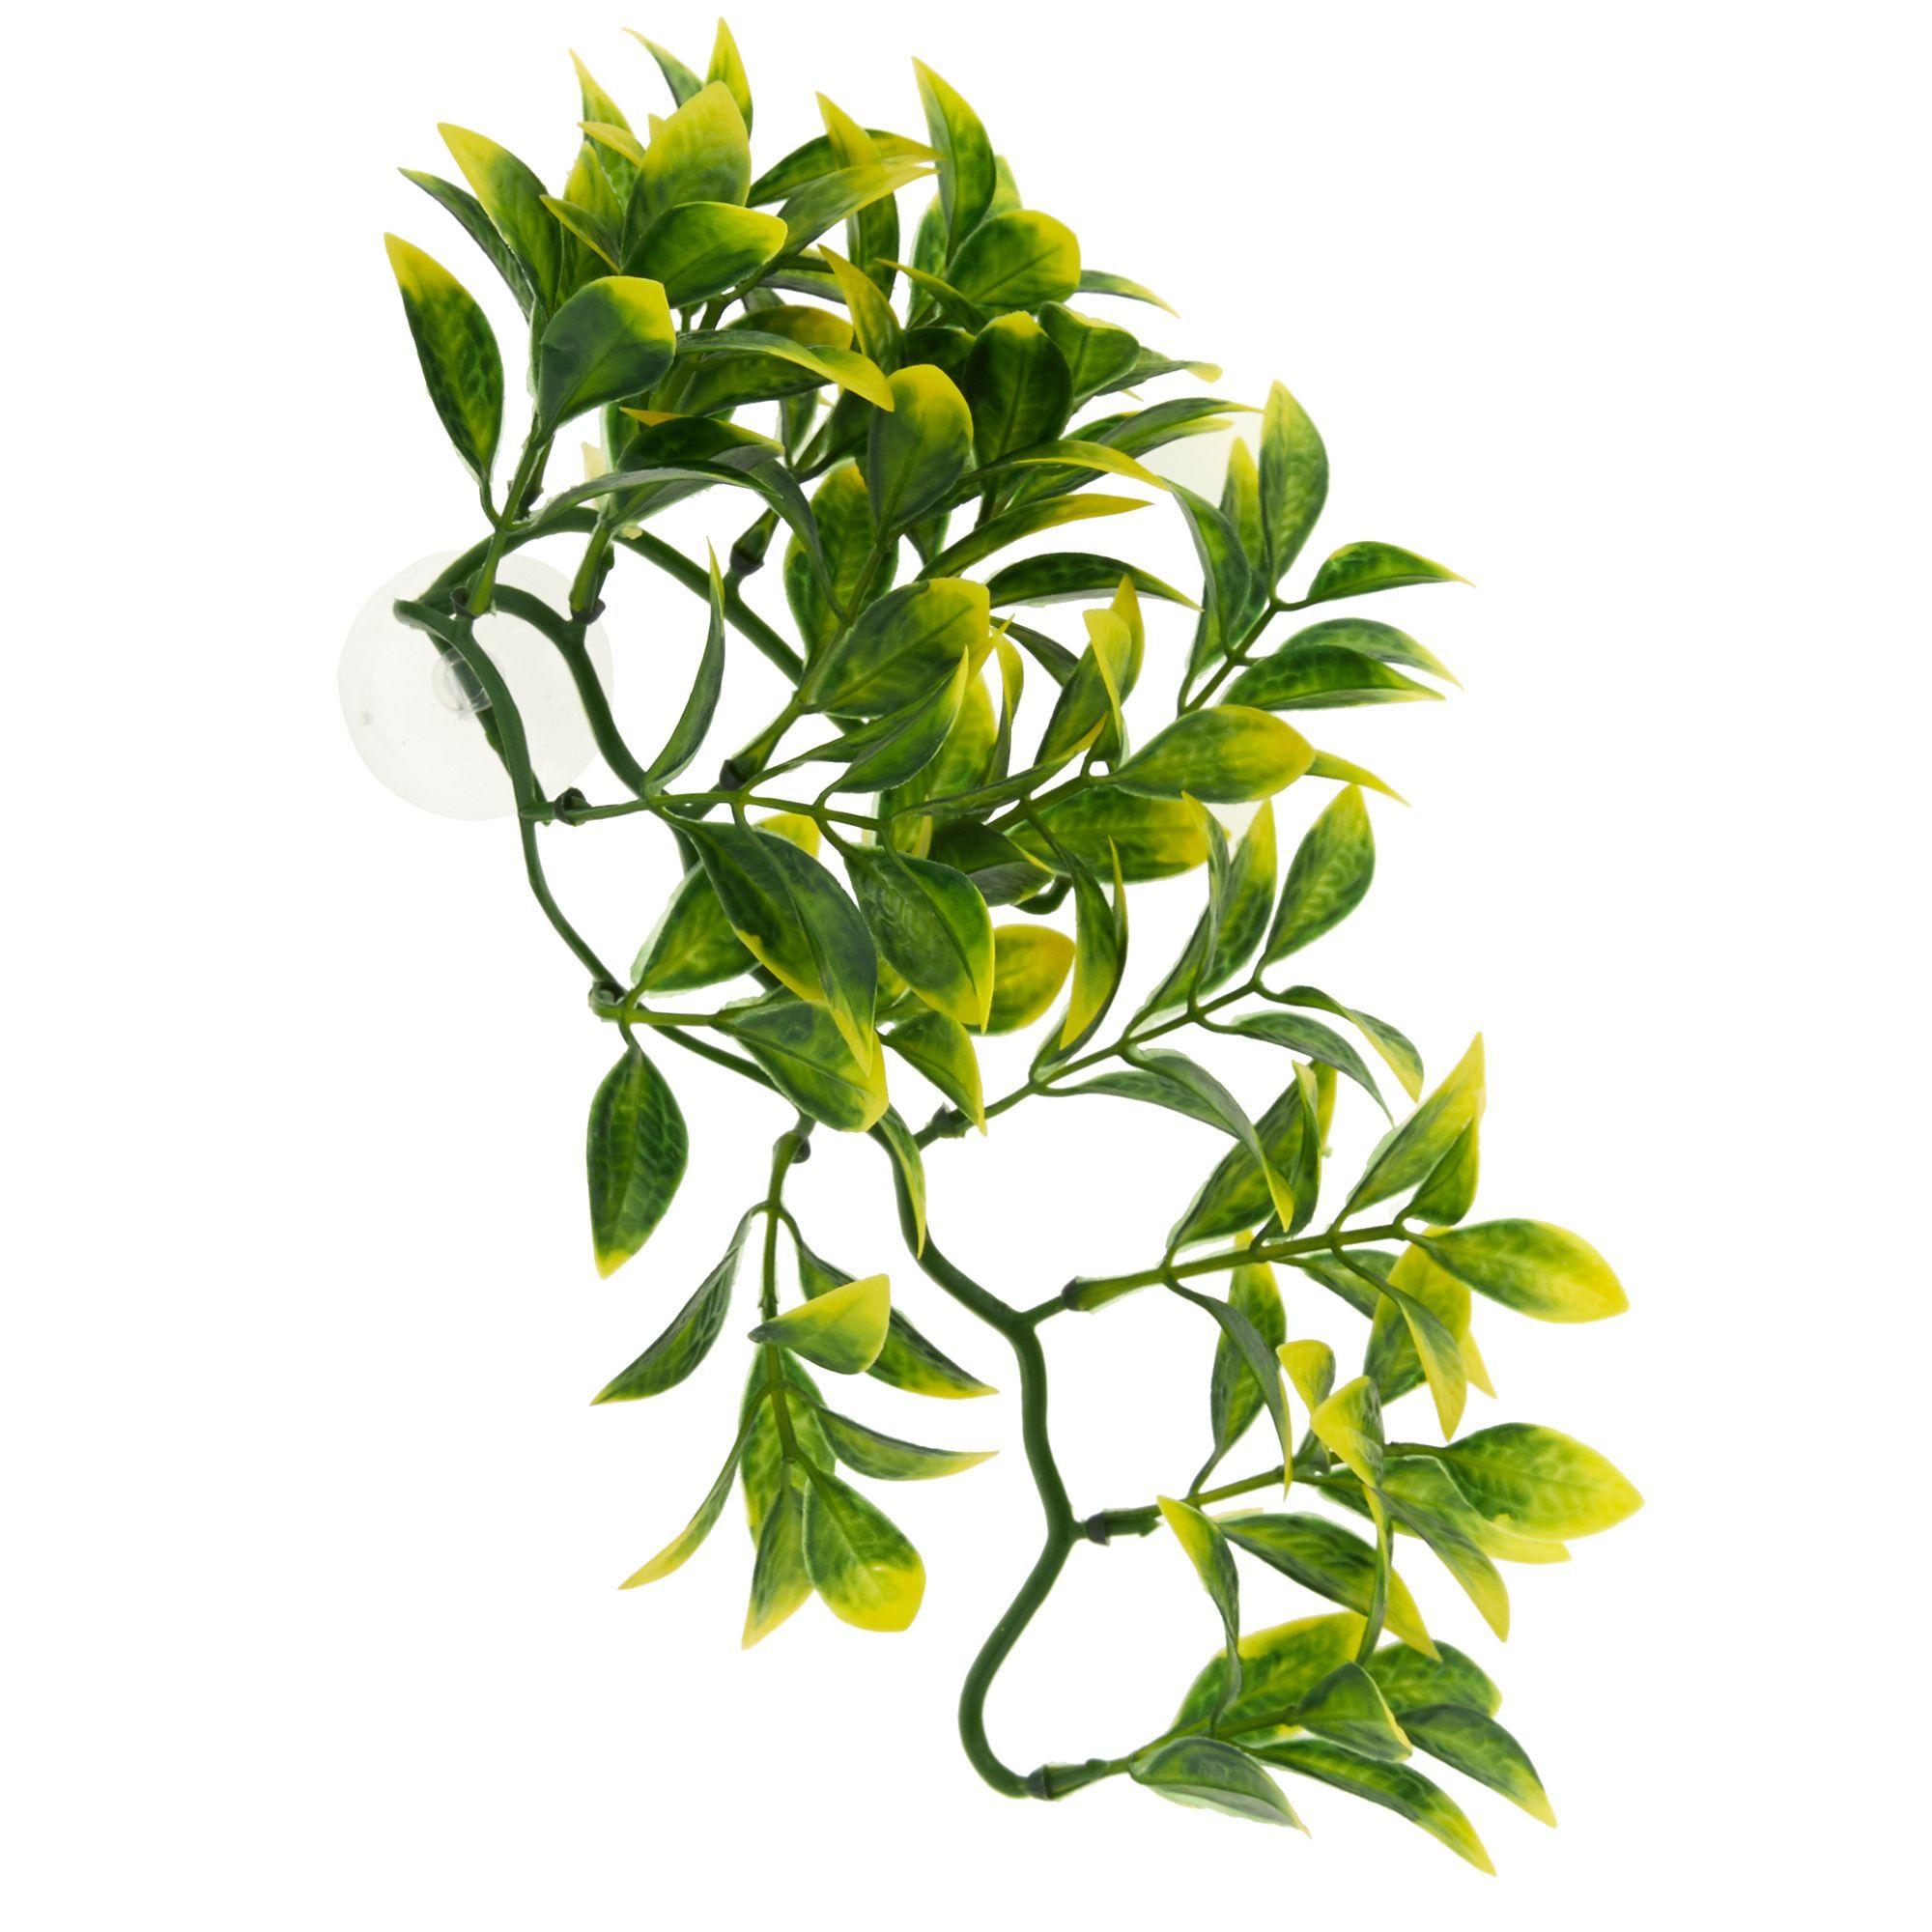 Thrive Medium Hanging Terrarium Plant Size Medium Hanging